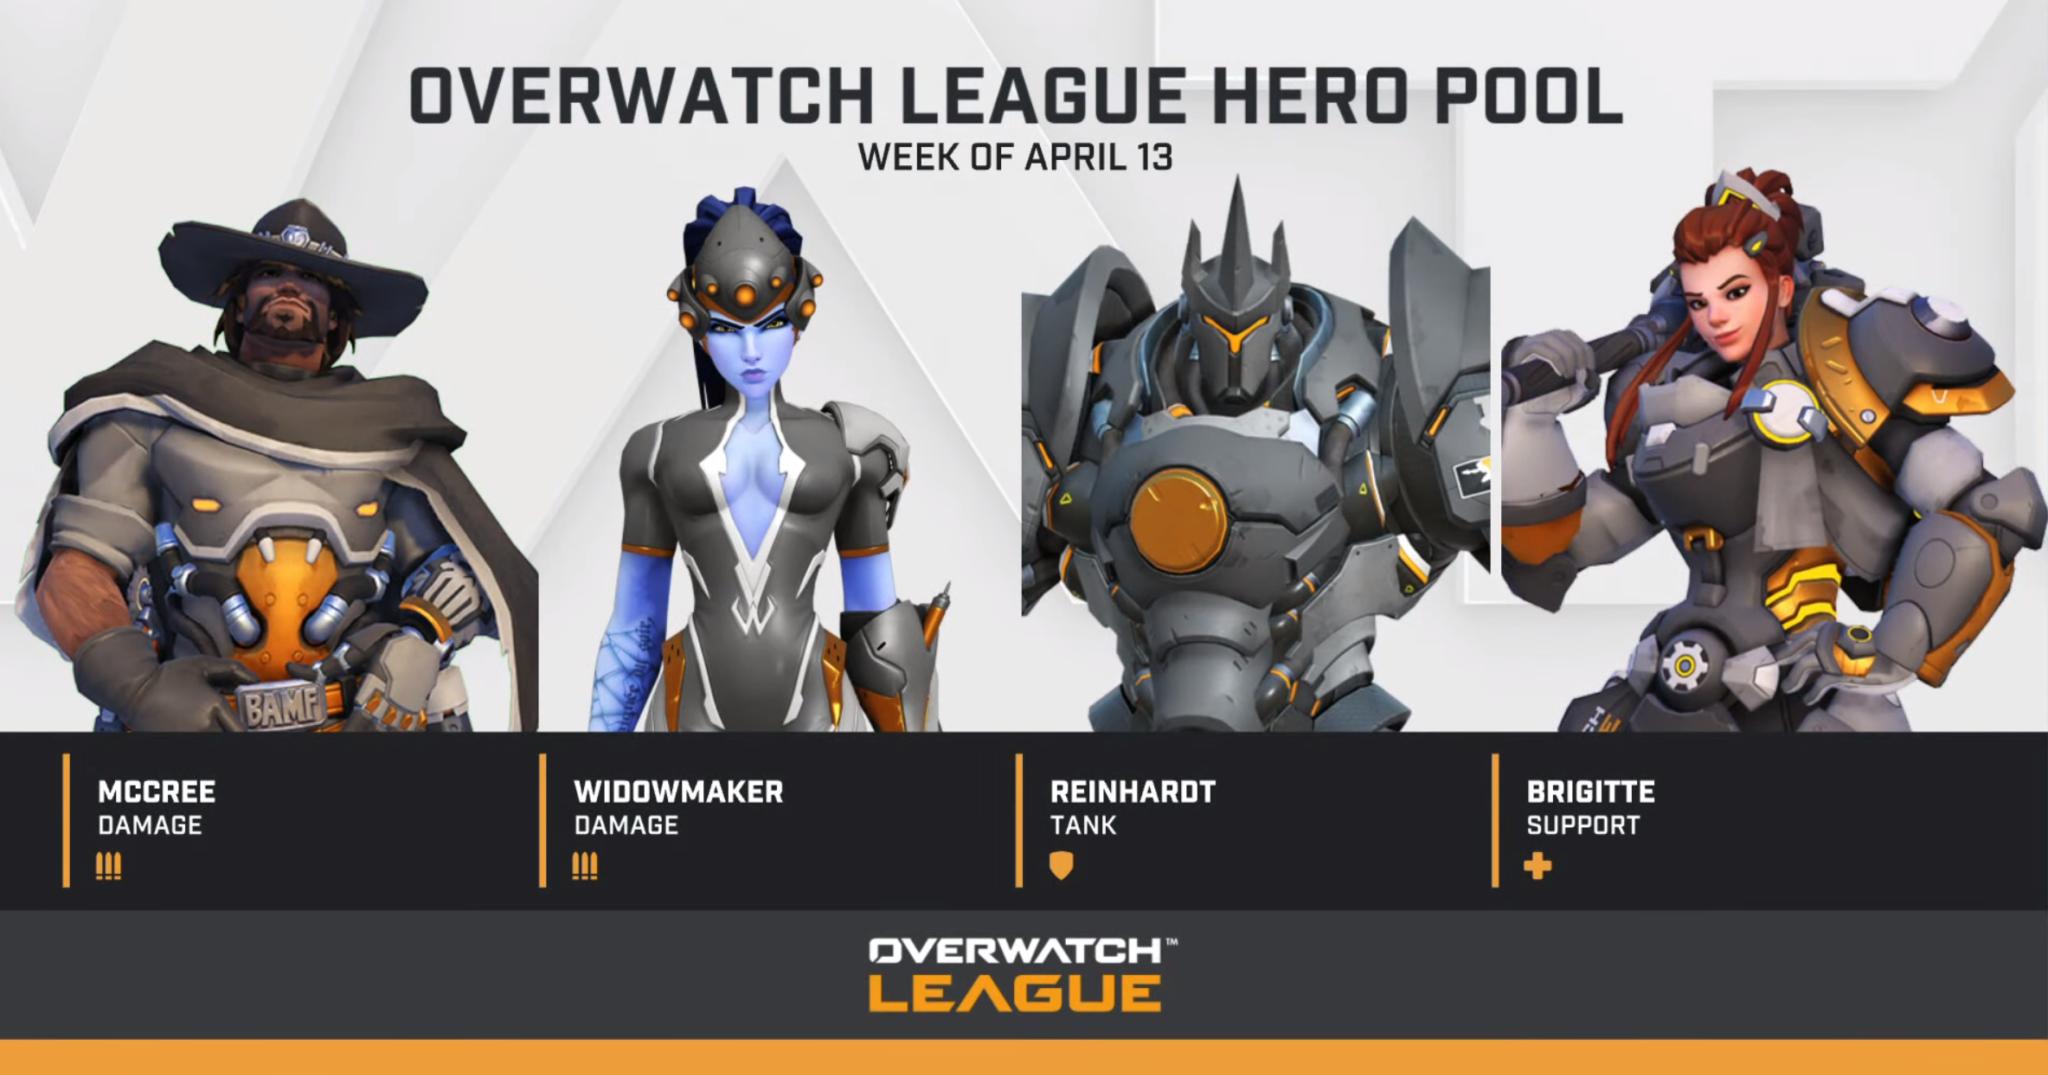 Overwatch League Hero Pool Week 7